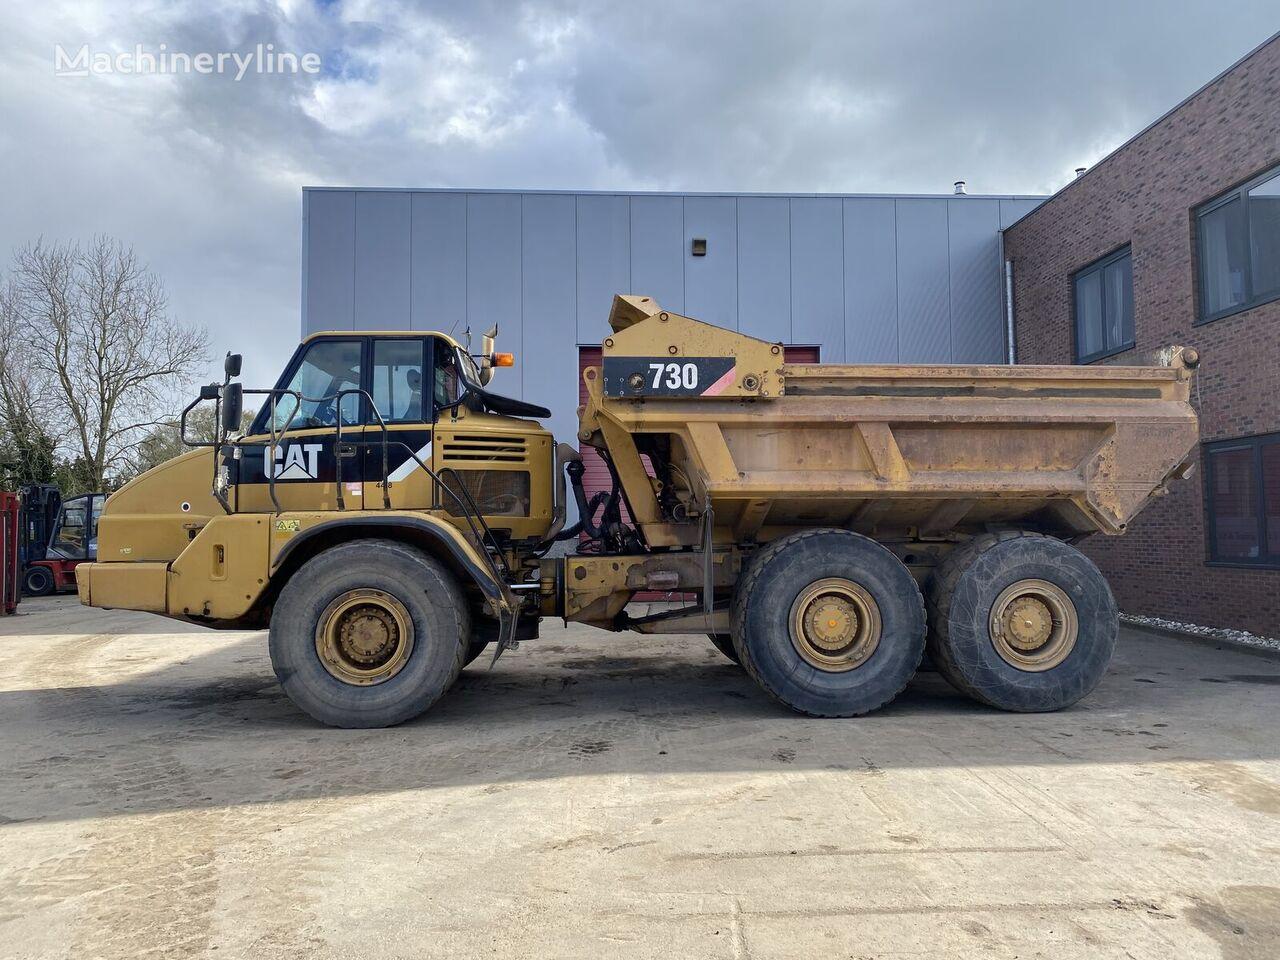 CATERPILLAR 730 Ejector articulated dump truck